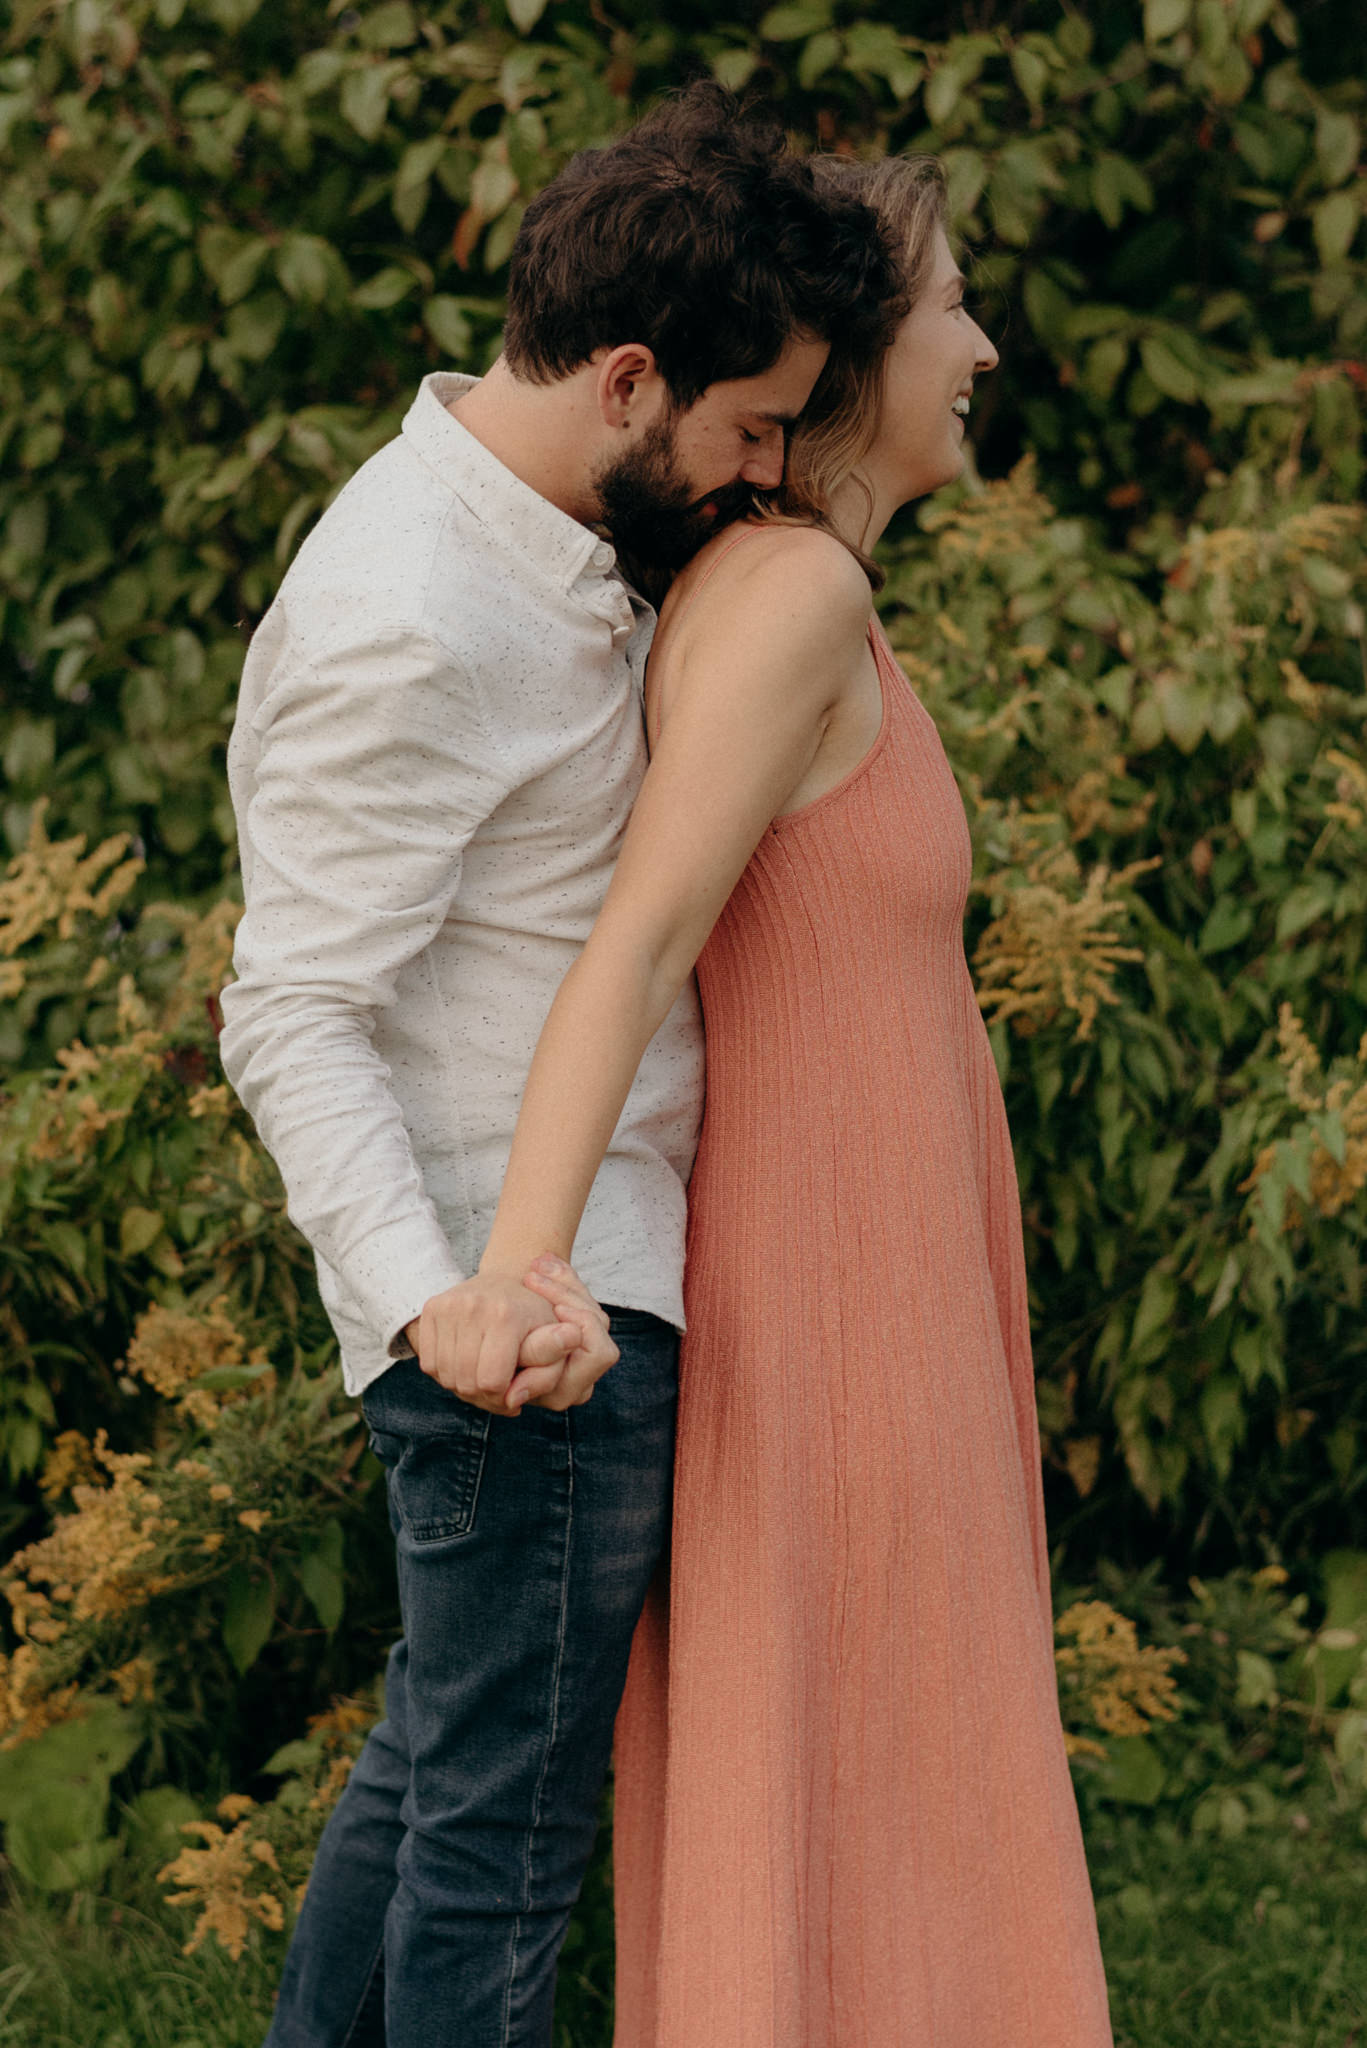 guy kissing girls shoulder